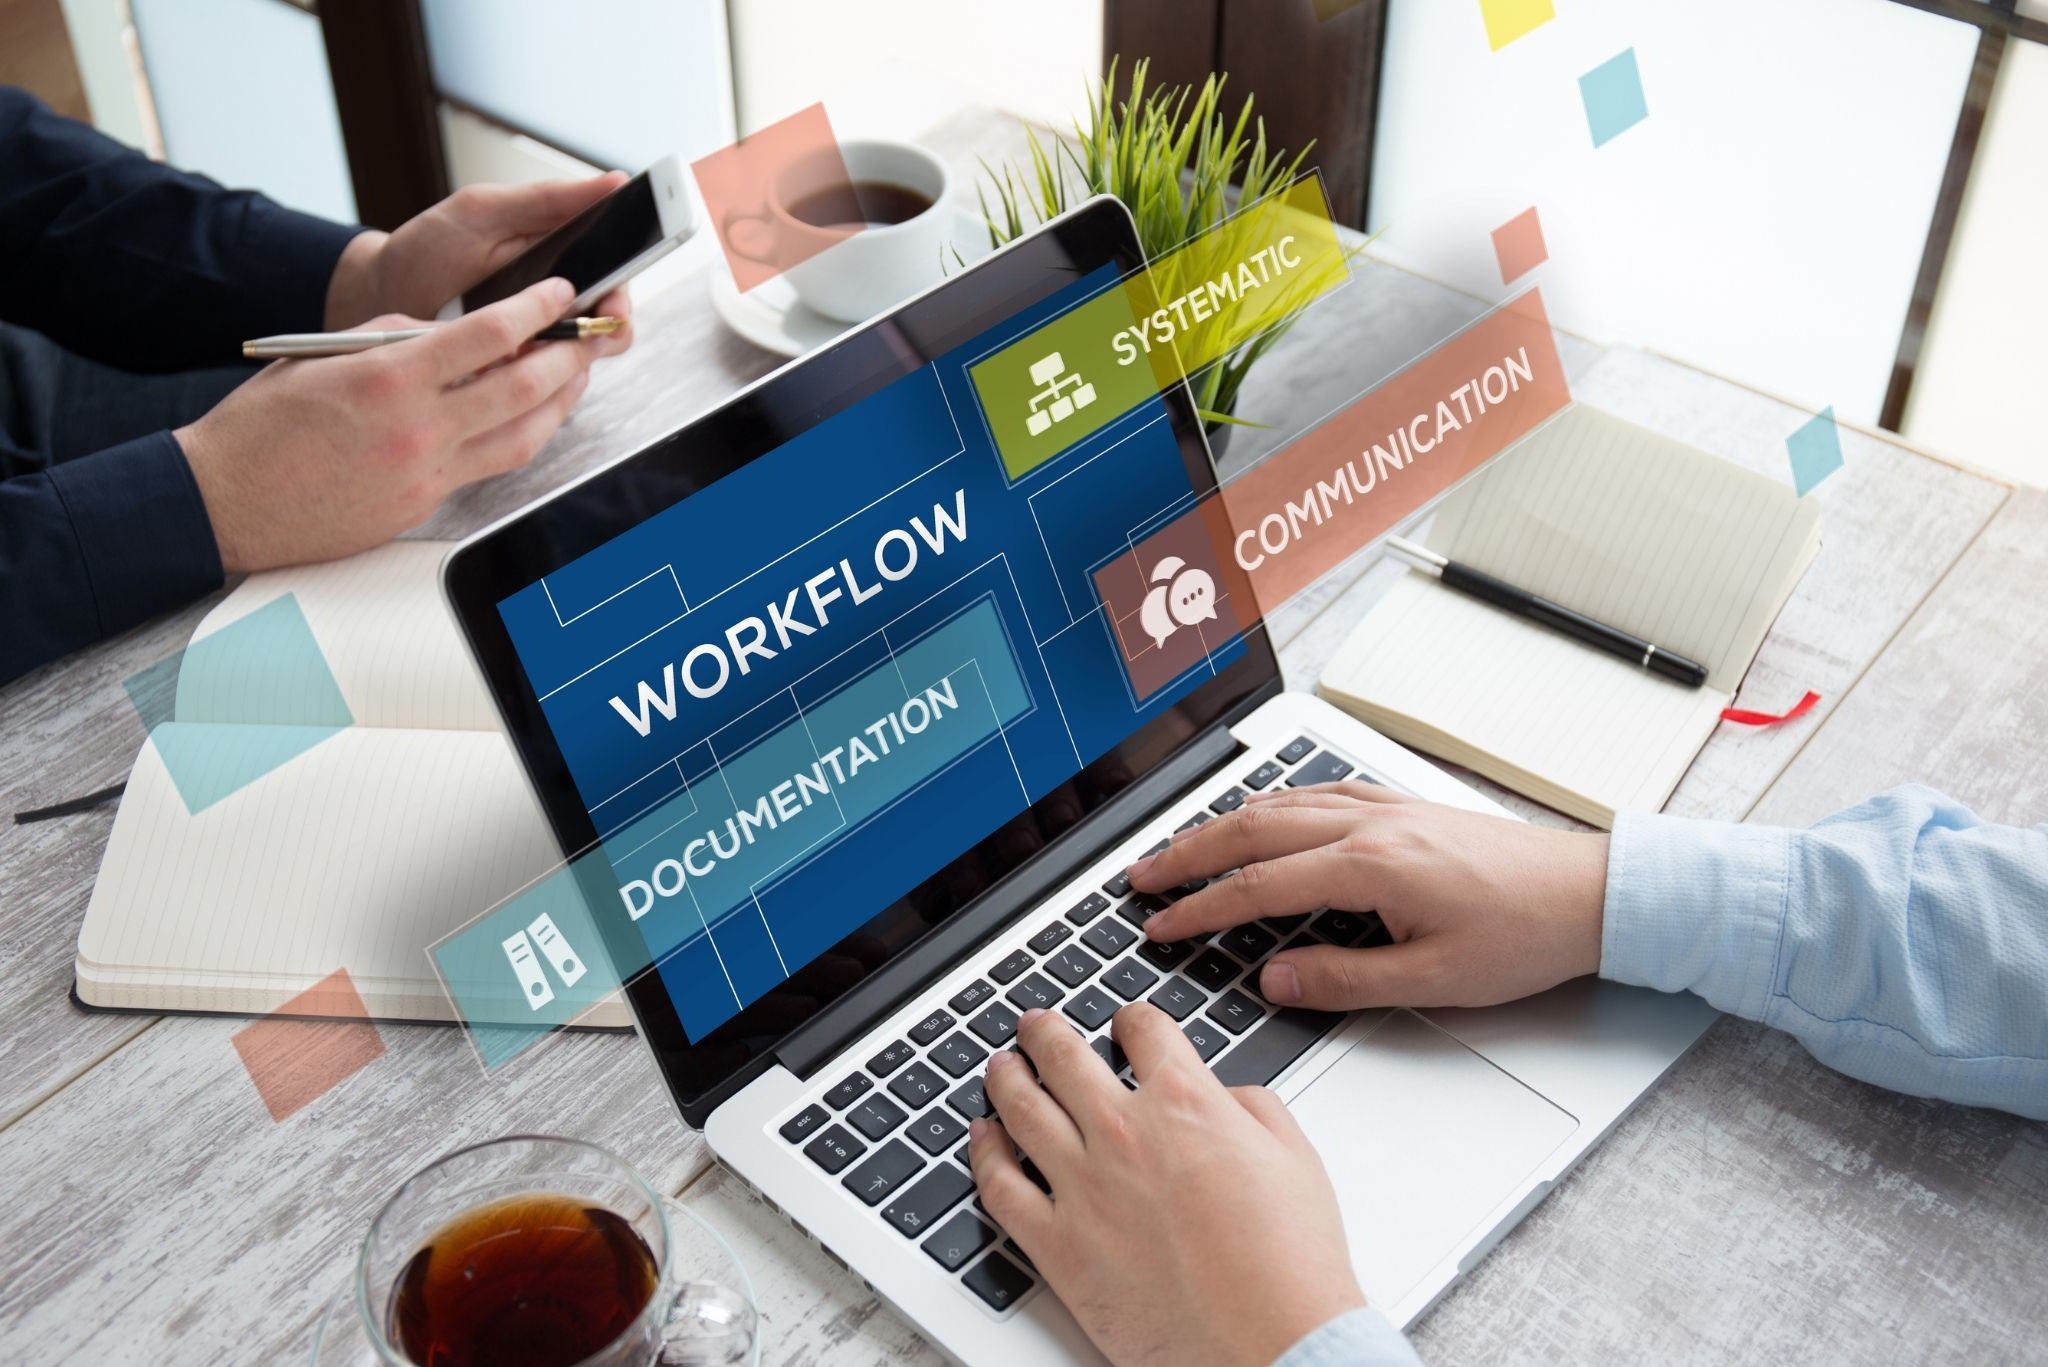 Aperfeiçoe o fluxo de trabalho e a automatização de tarefas com Nintex Workflow